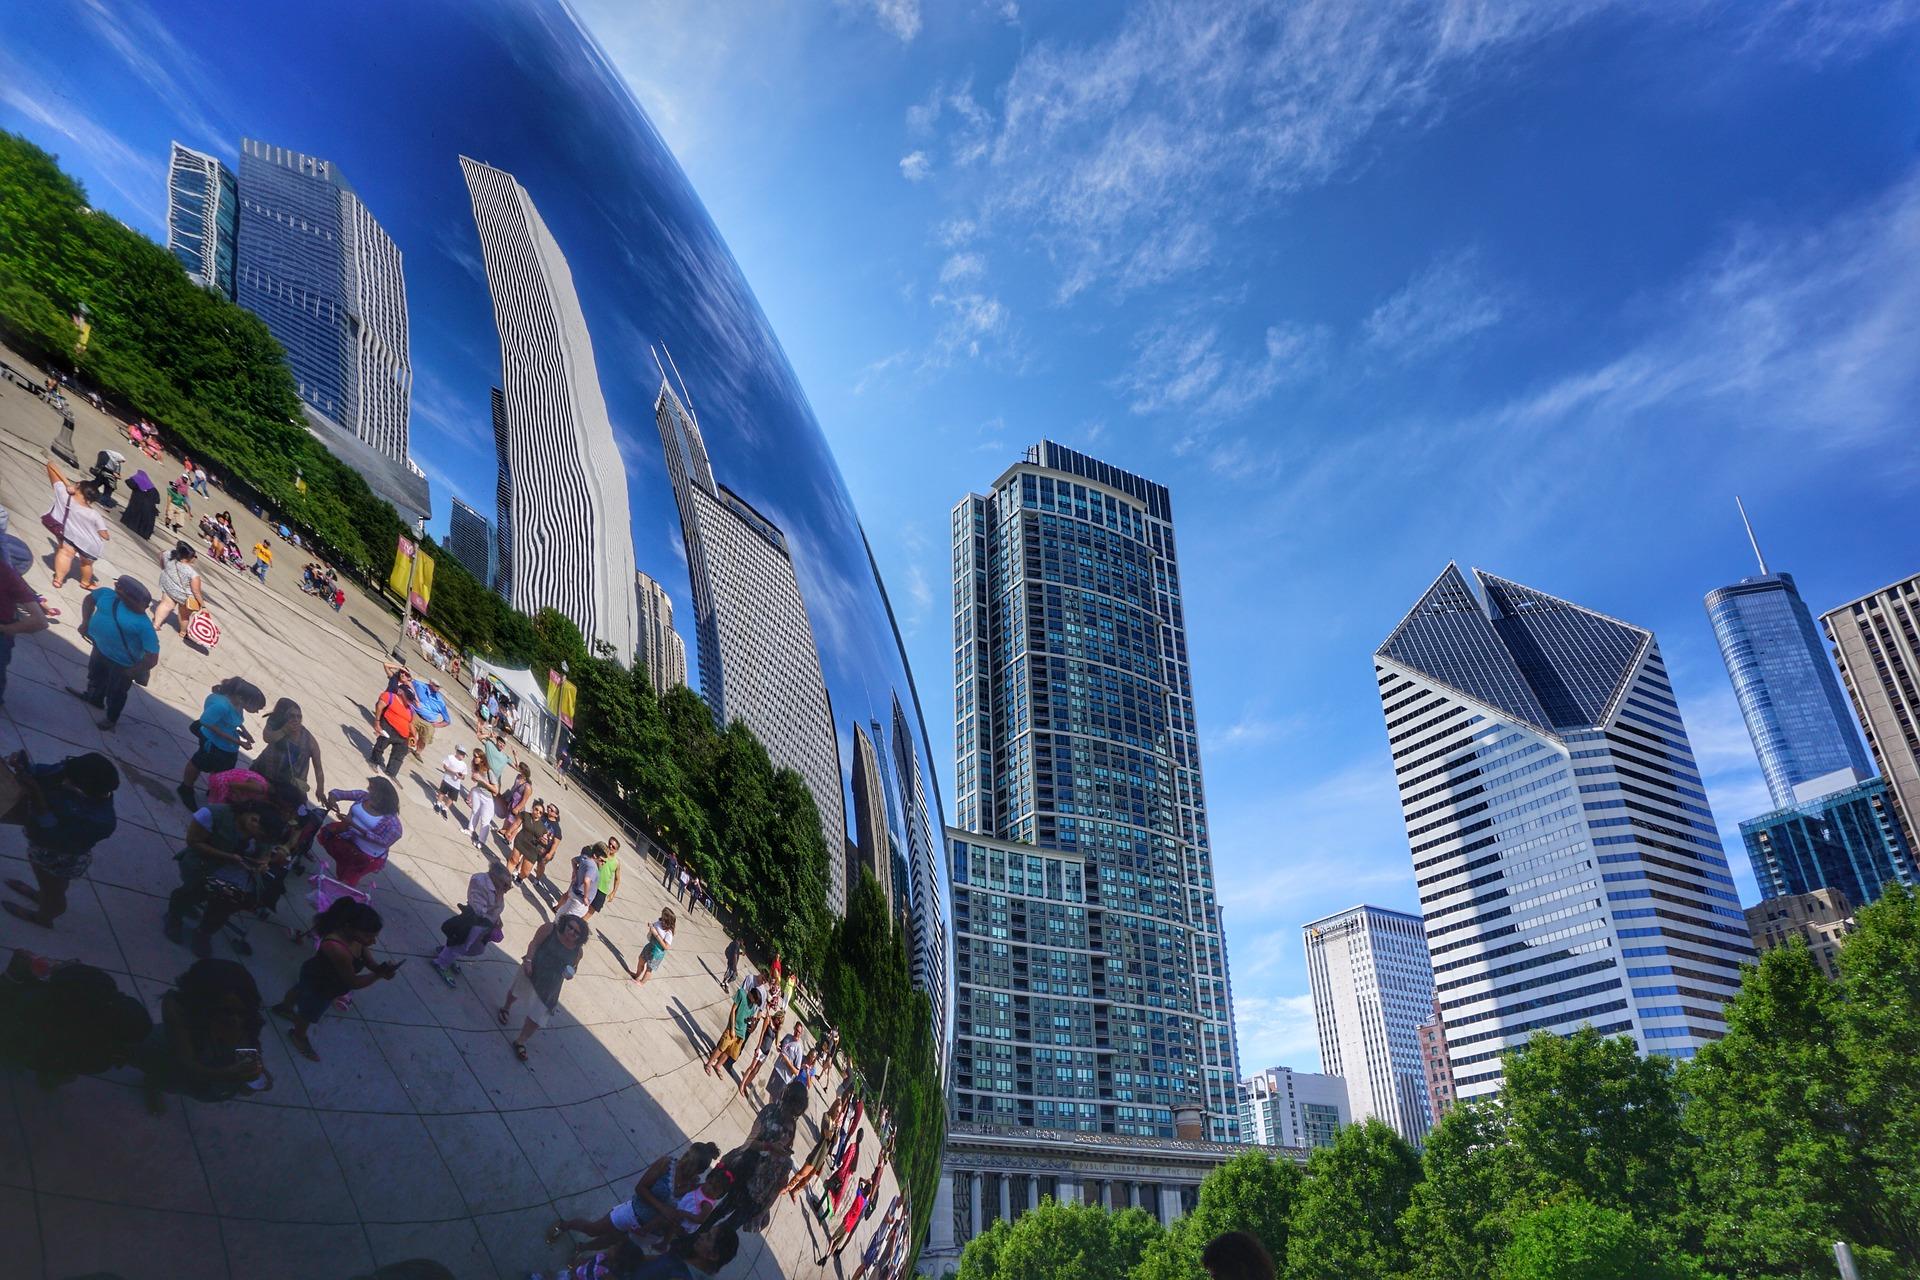 Detalhe da Cloud Gate, escultura de Anish Kapoor, instalada no Millennium Park, que se tornou um dos cartões postais de Chicago (Fotos: Divulgação)